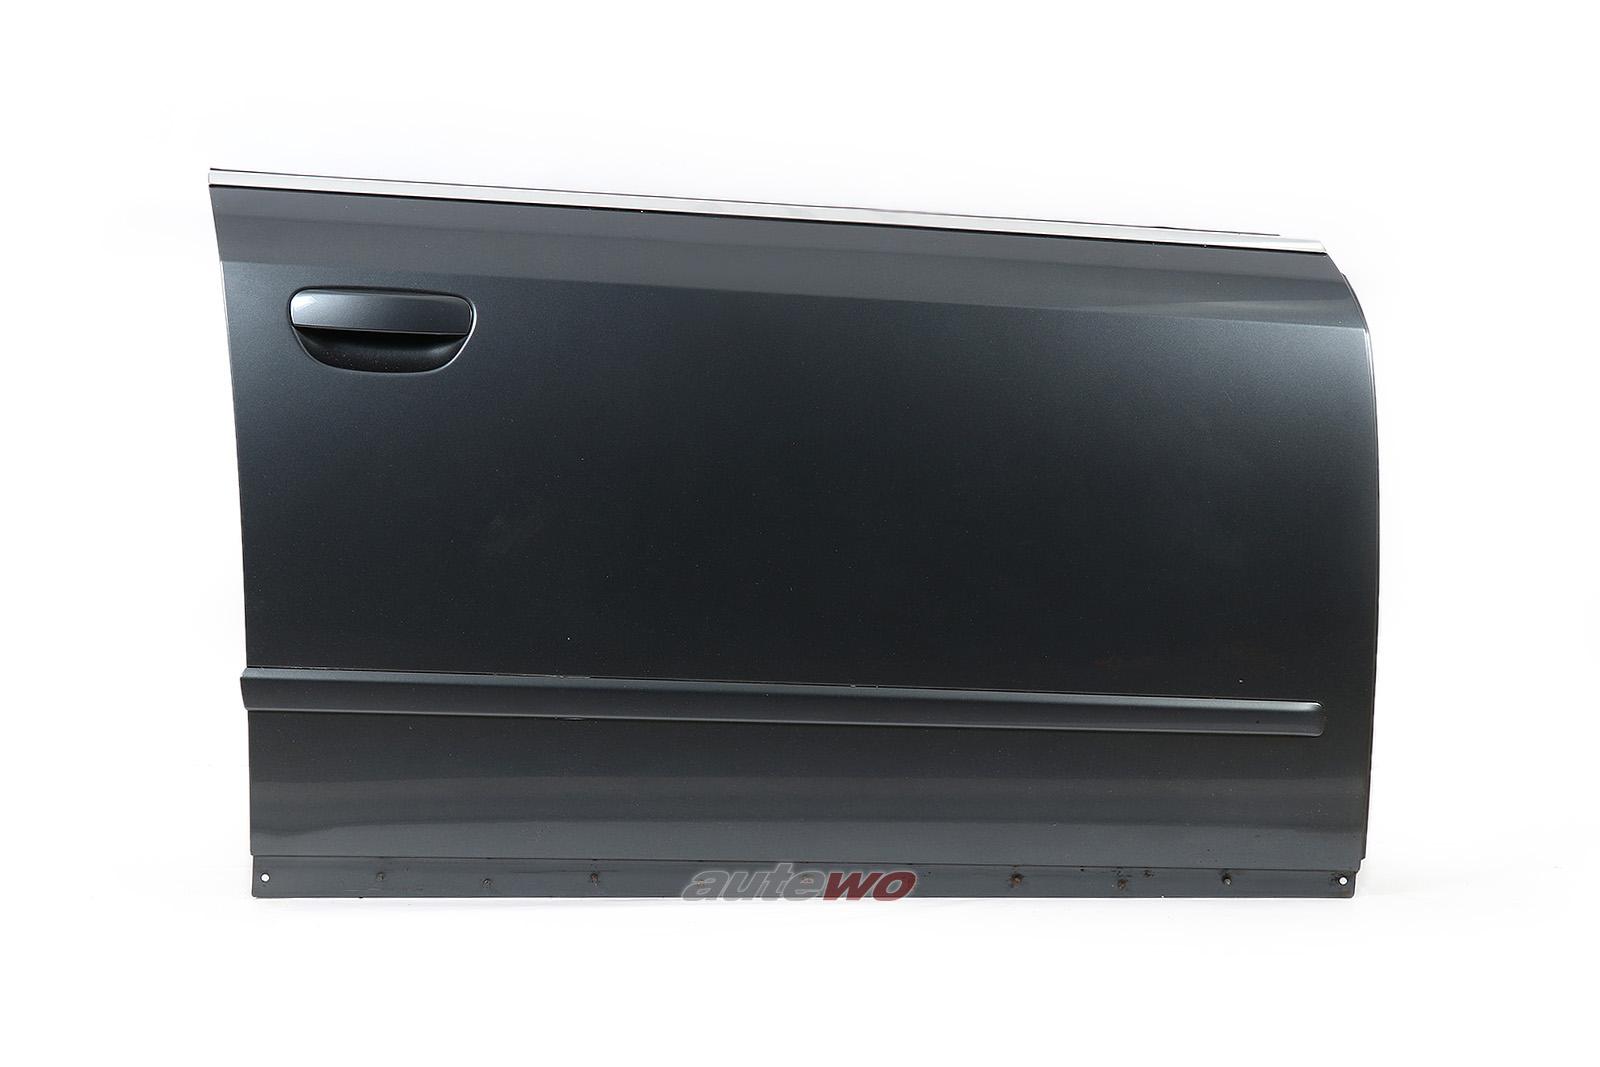 8E0831052 Audi A4/S4 8E/B6 Tür Vorne Rechts LX7Z delphingrau metallic